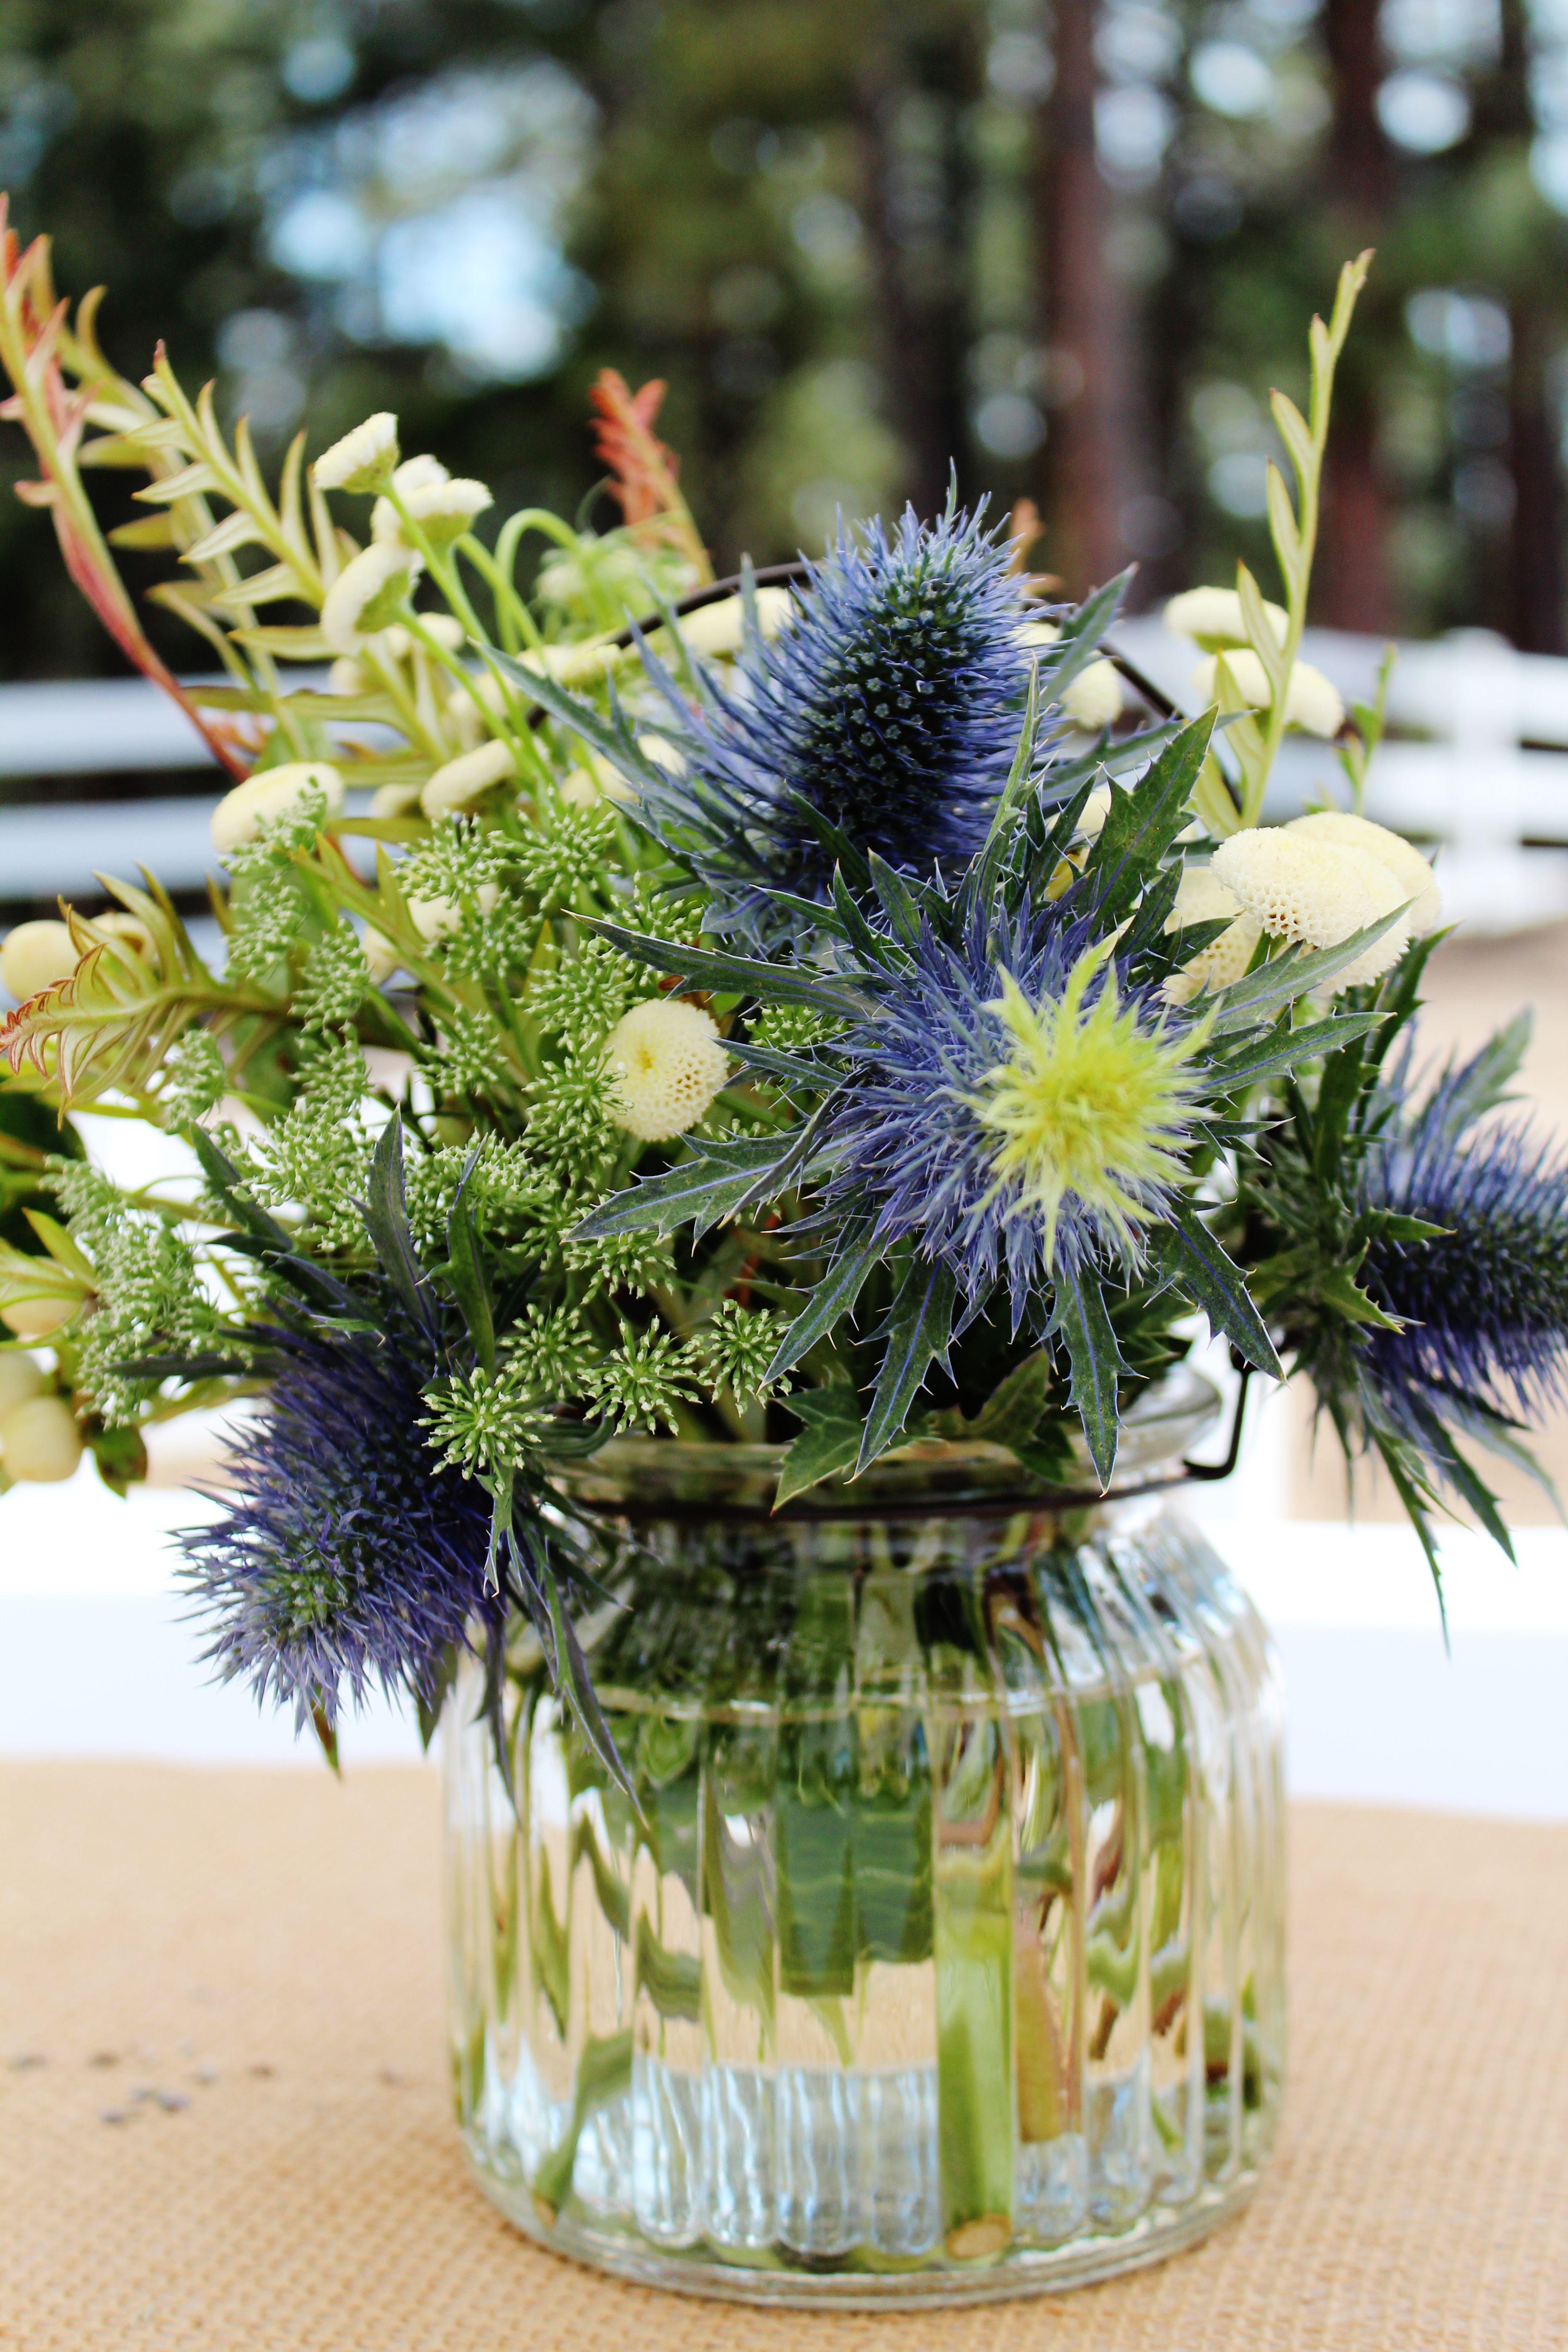 Pin By Emz Heldreich On Flower Chic Thistle Flower Arrangement Small Flower Arrangements Flower Arrangements